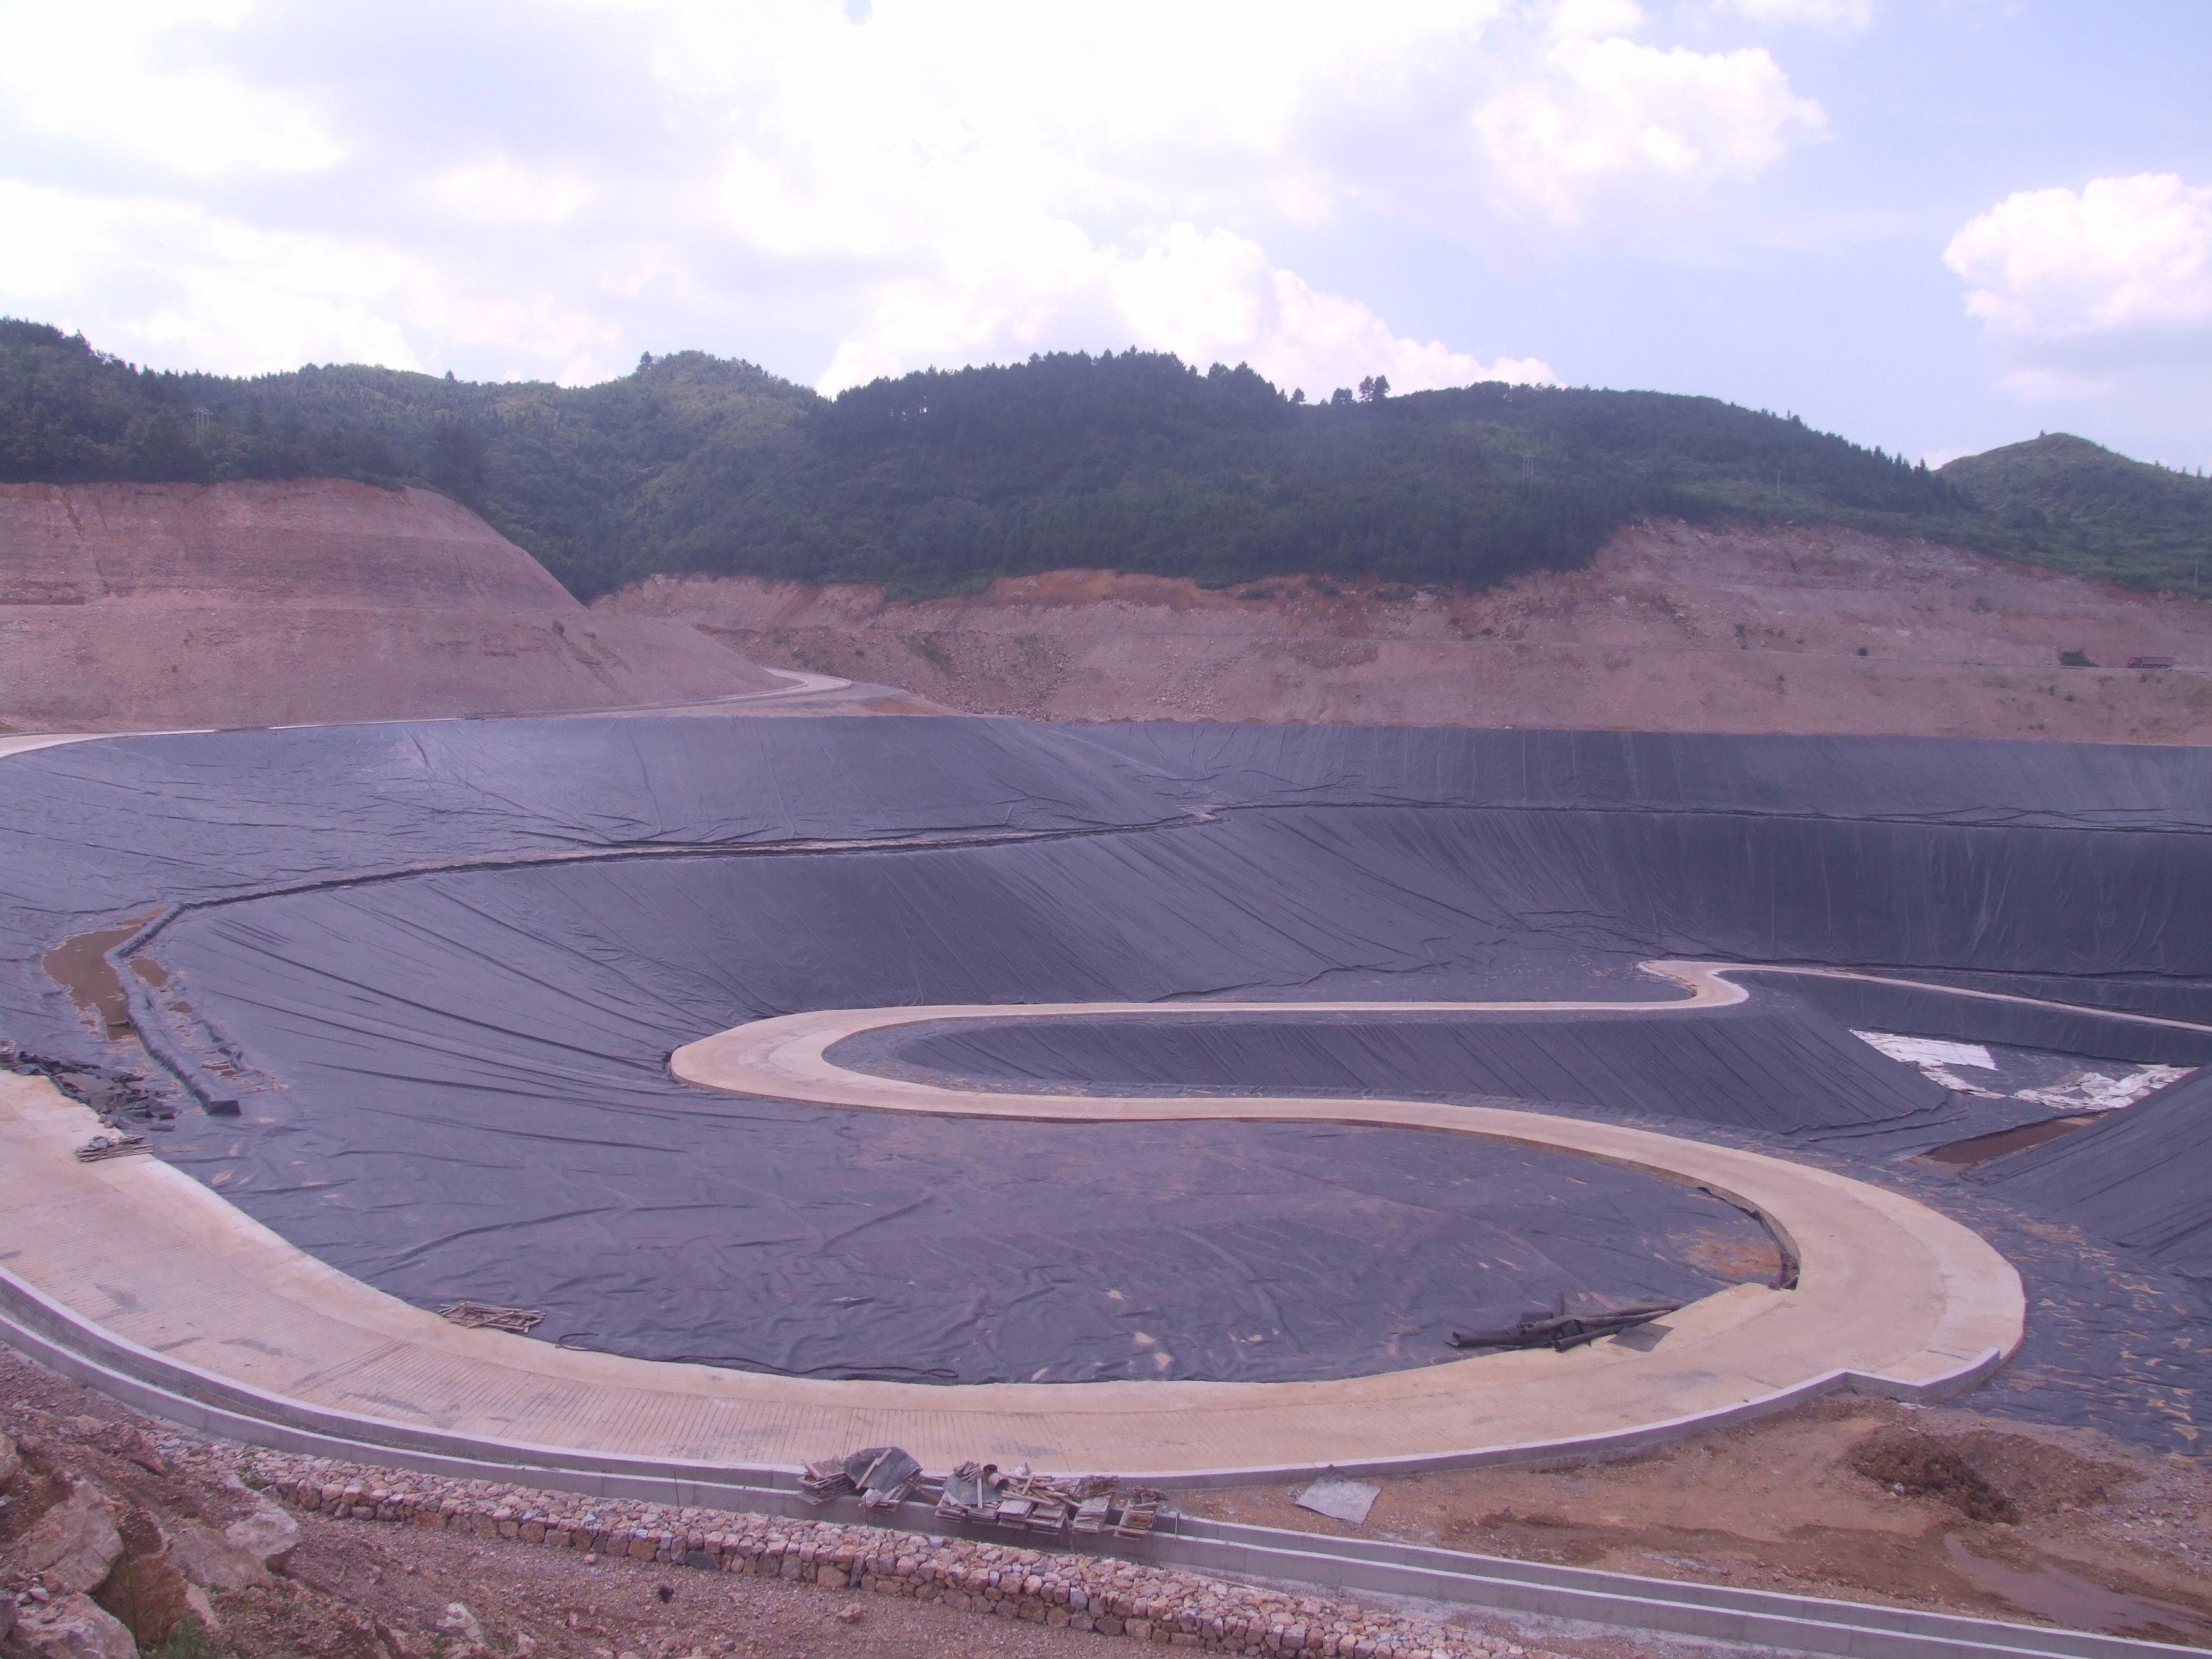 灌浆和铺土工膜都能解决堤身防渗的问题